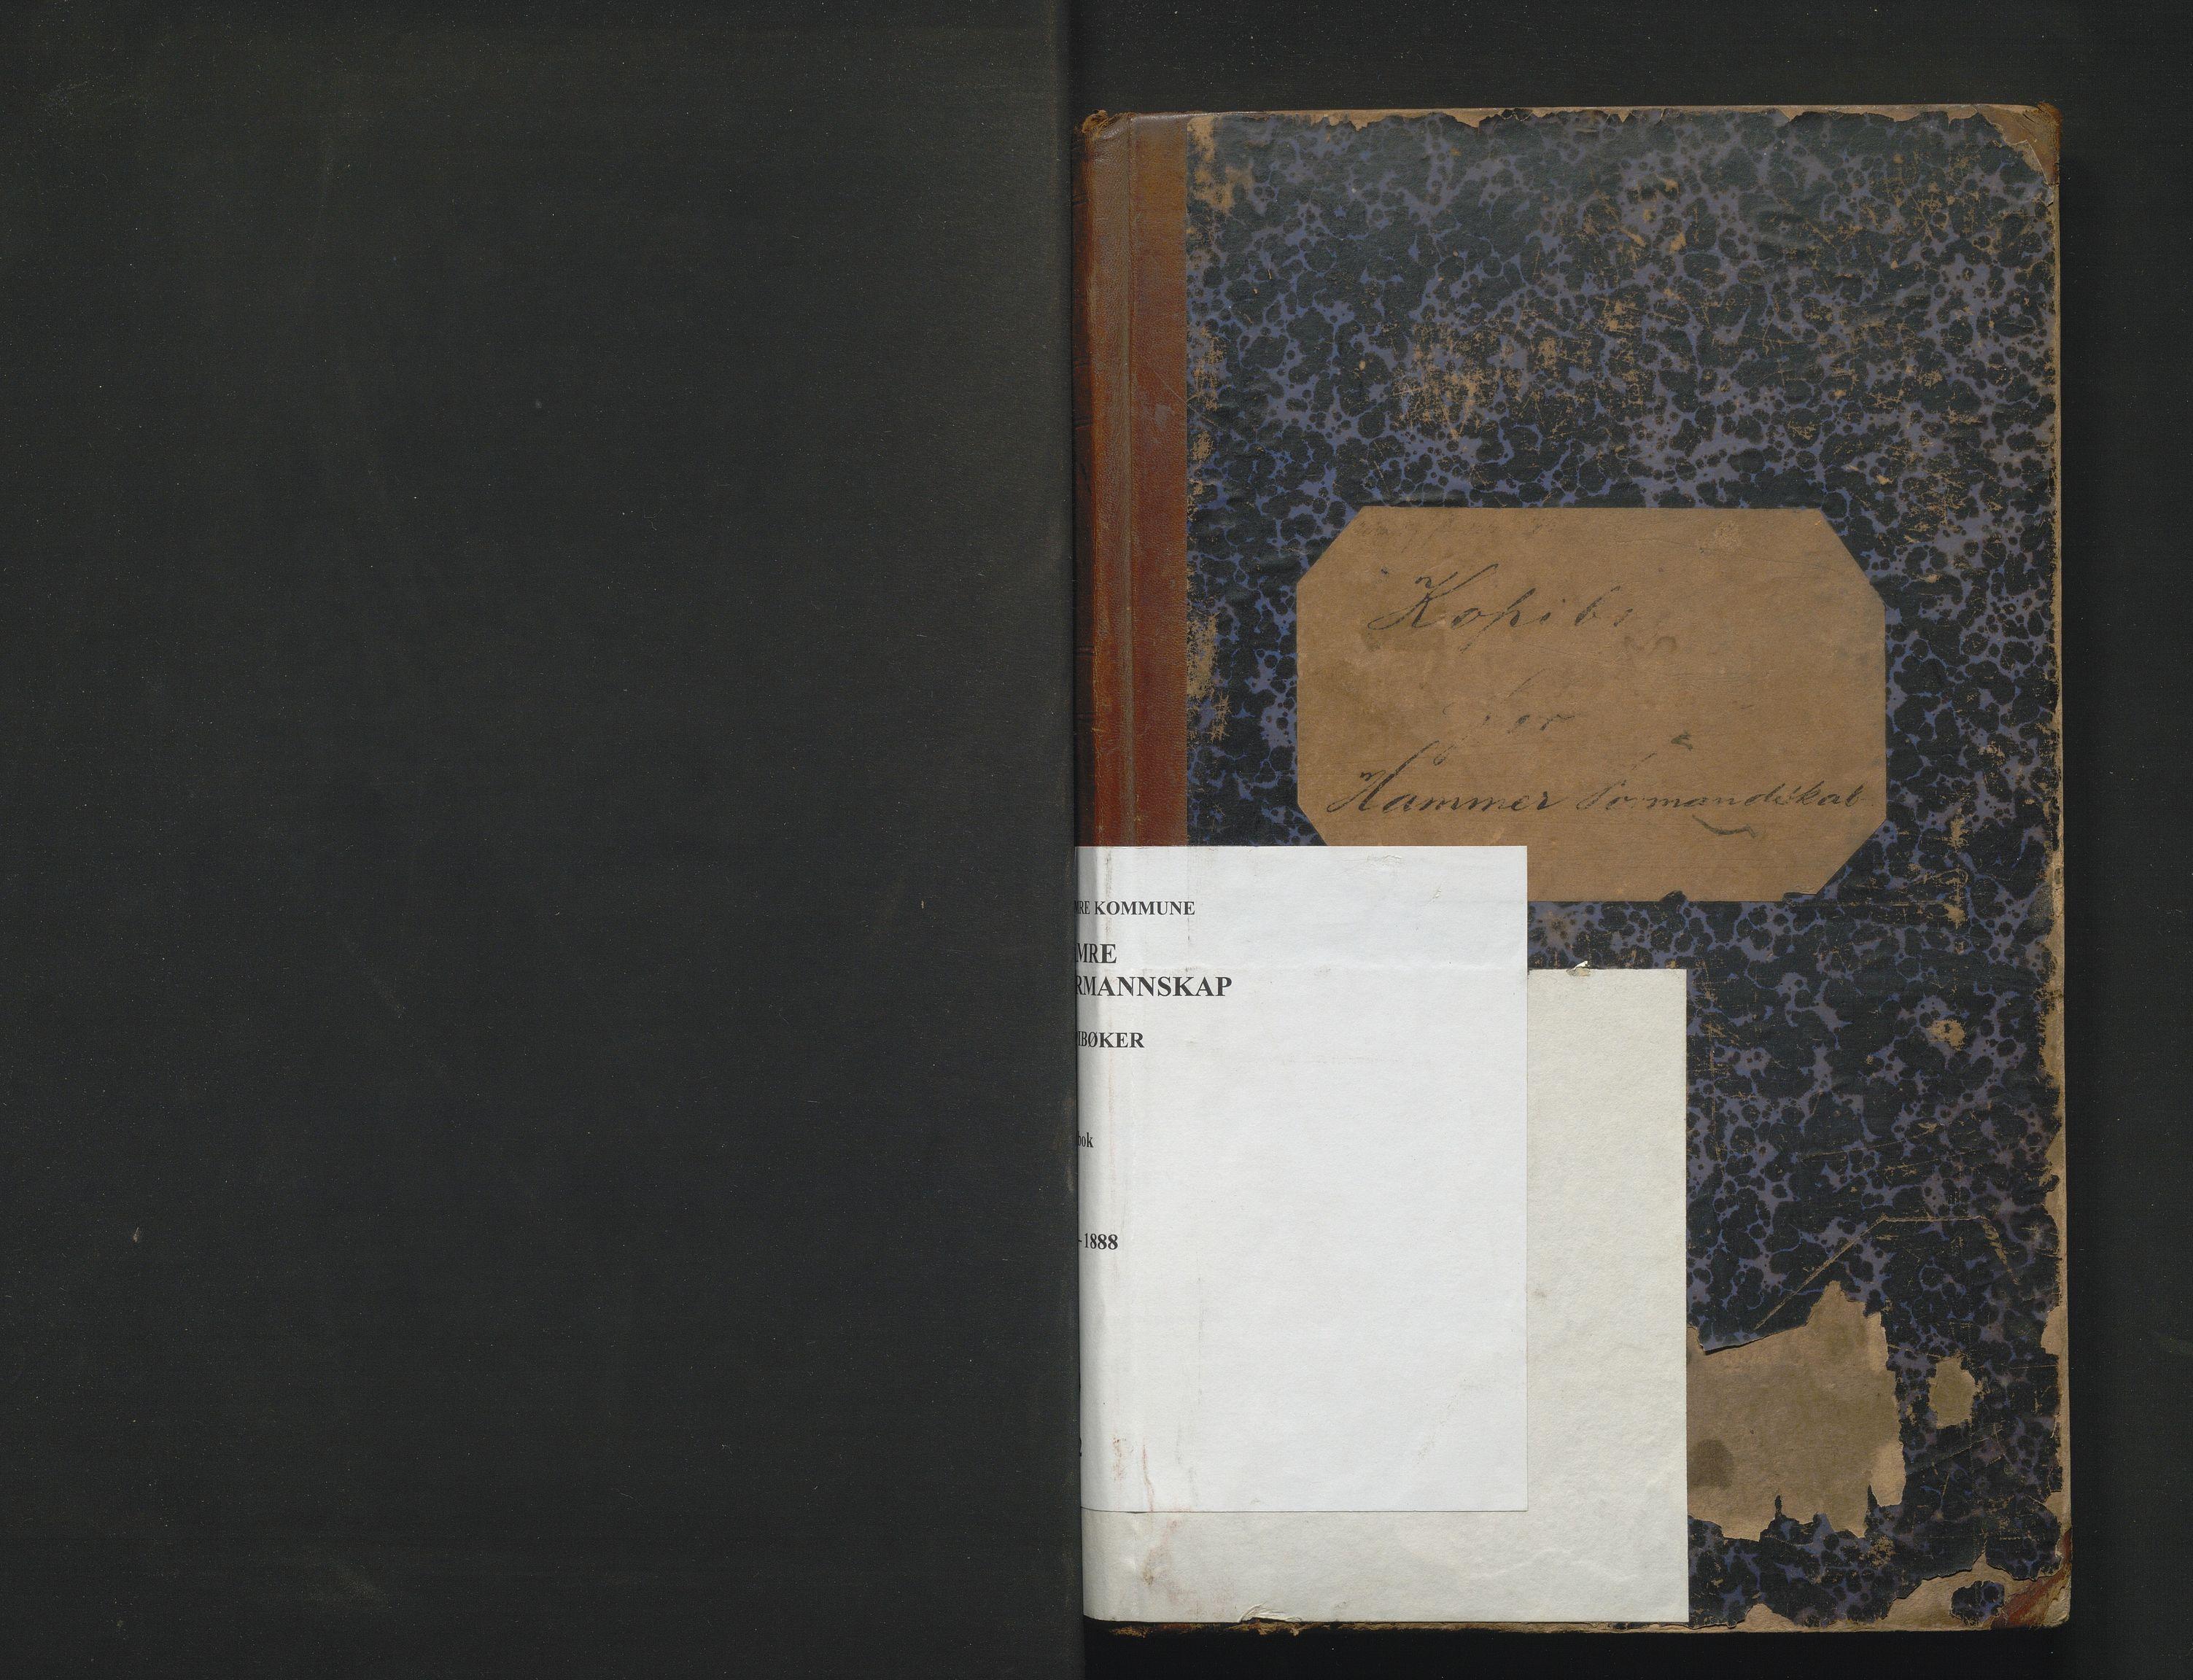 IKAH, Hamre kommune. Formannskapet, B/Ba/L0002: Kopibok for formannskapet , 1886-1888